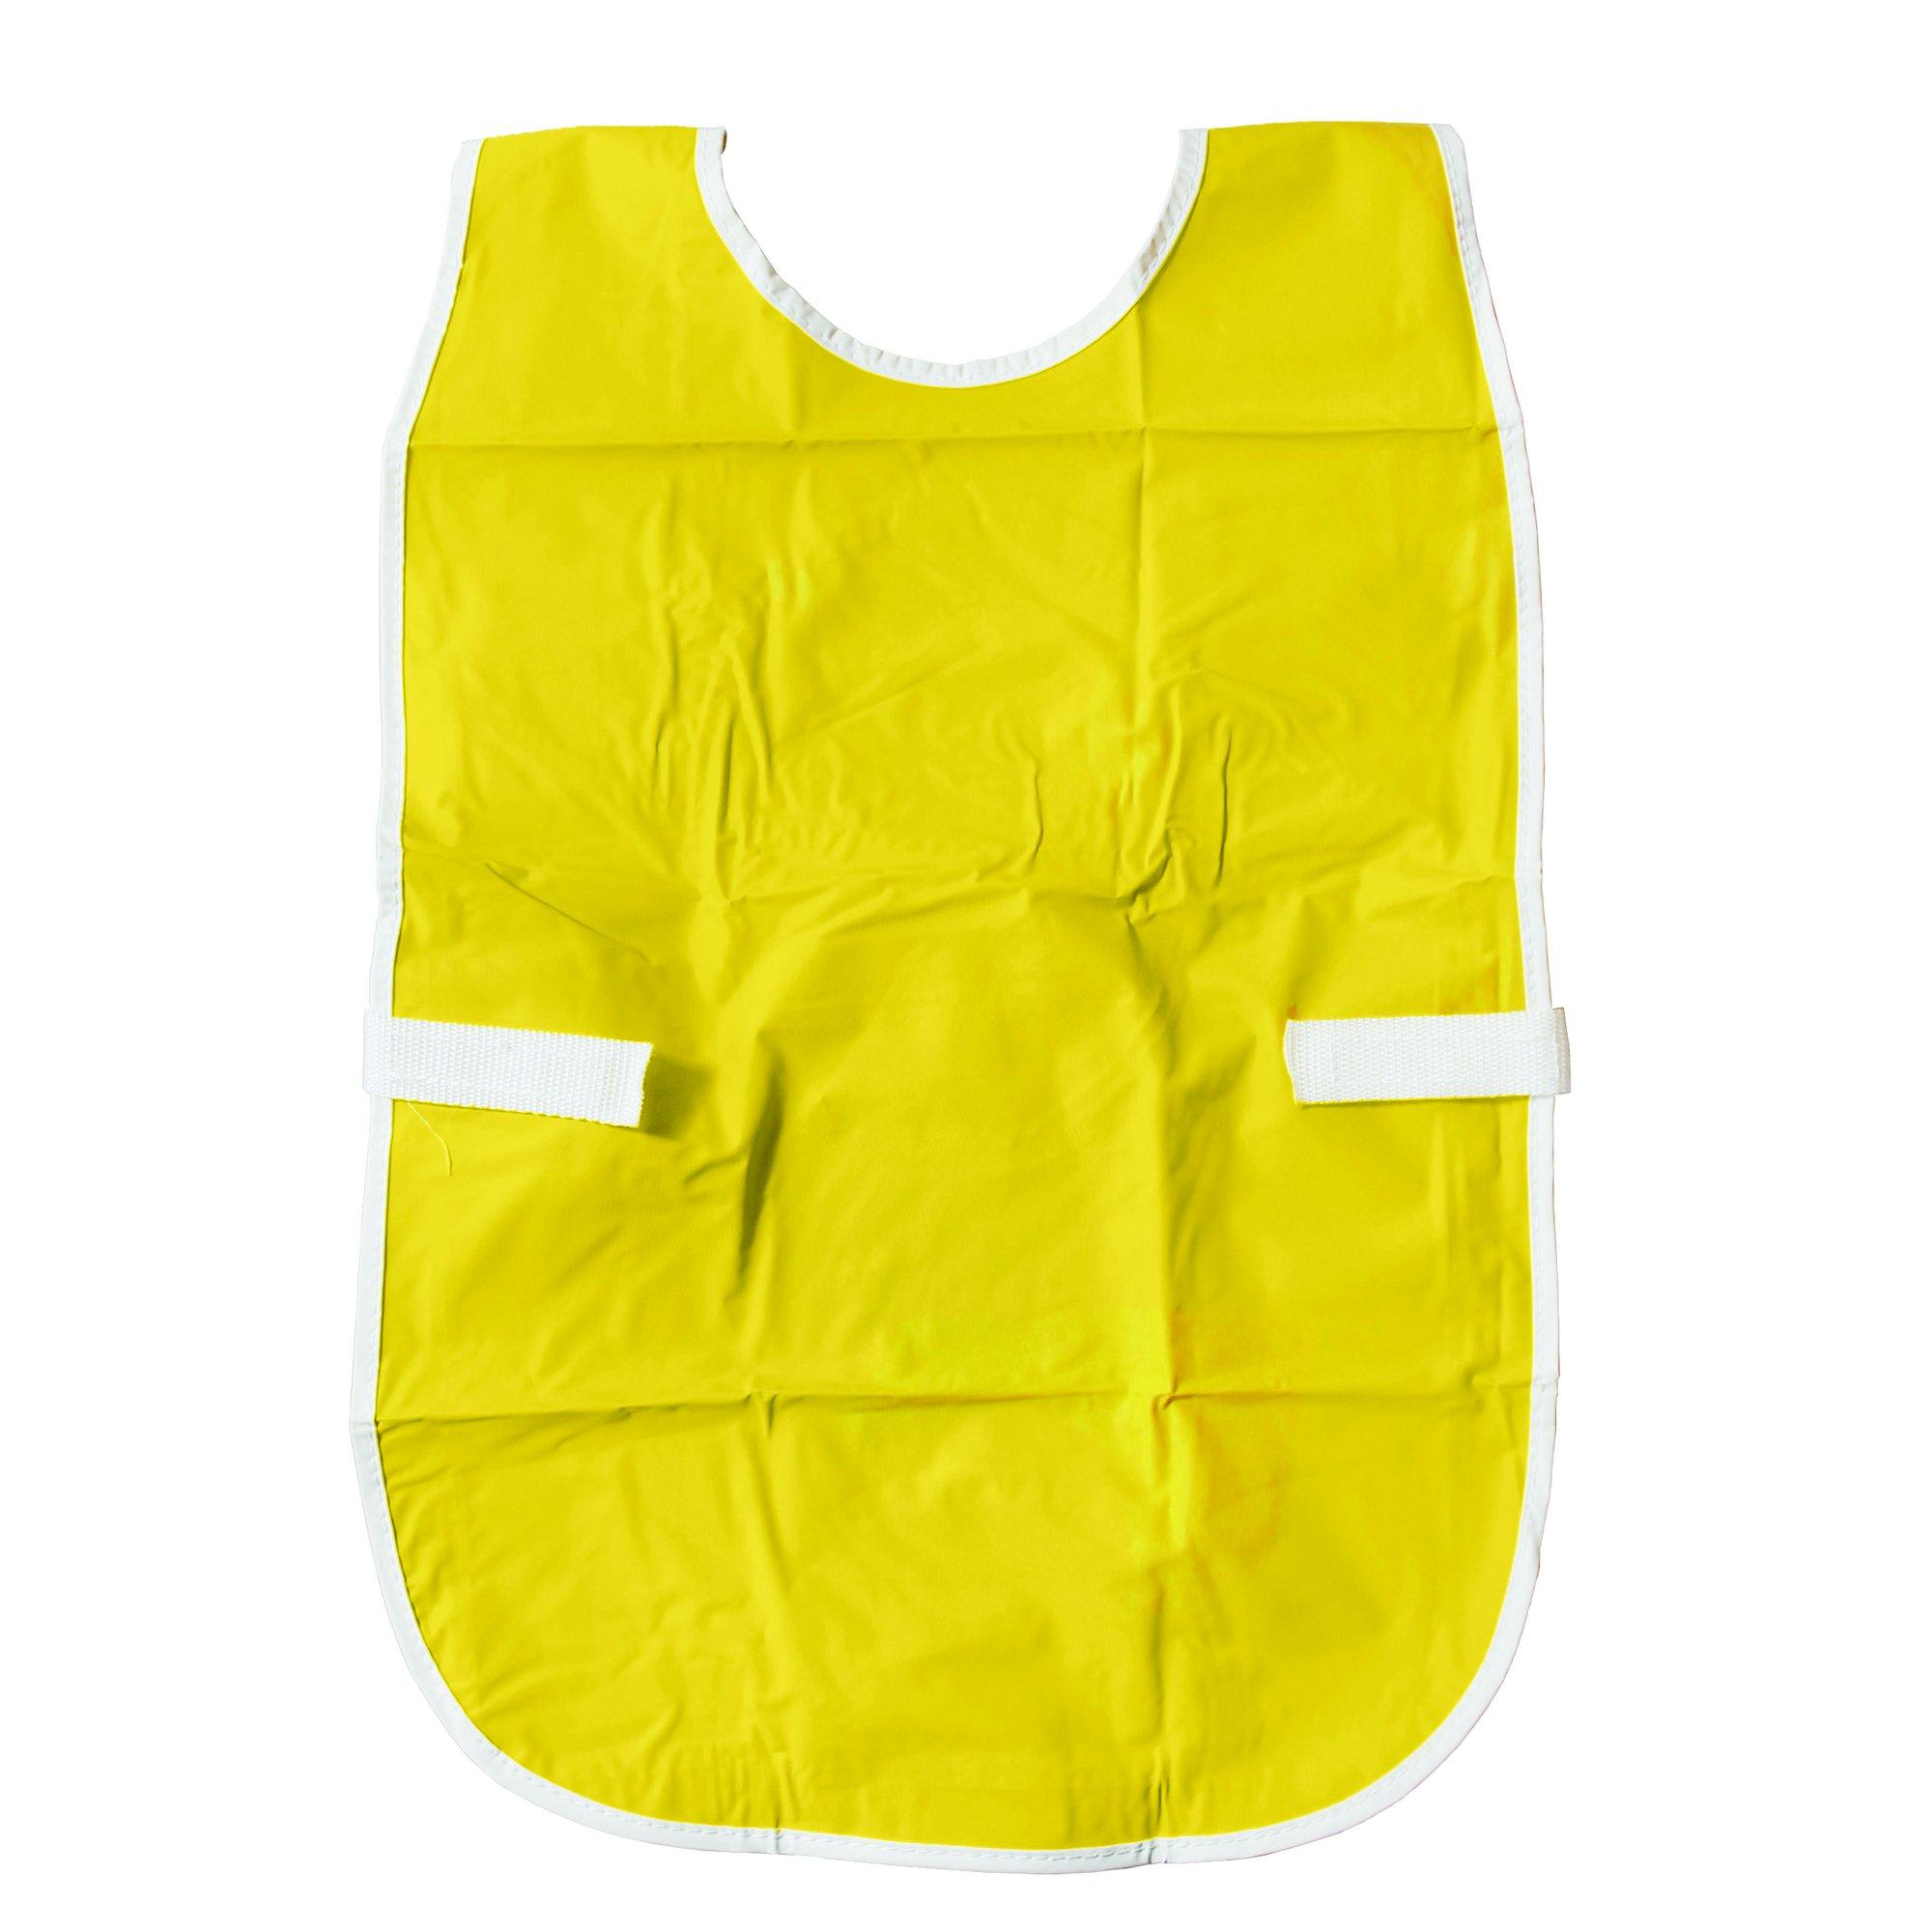 Peerless Plastics Inc... Kindersmock Easy On/Off Style Early Childhood Accessory